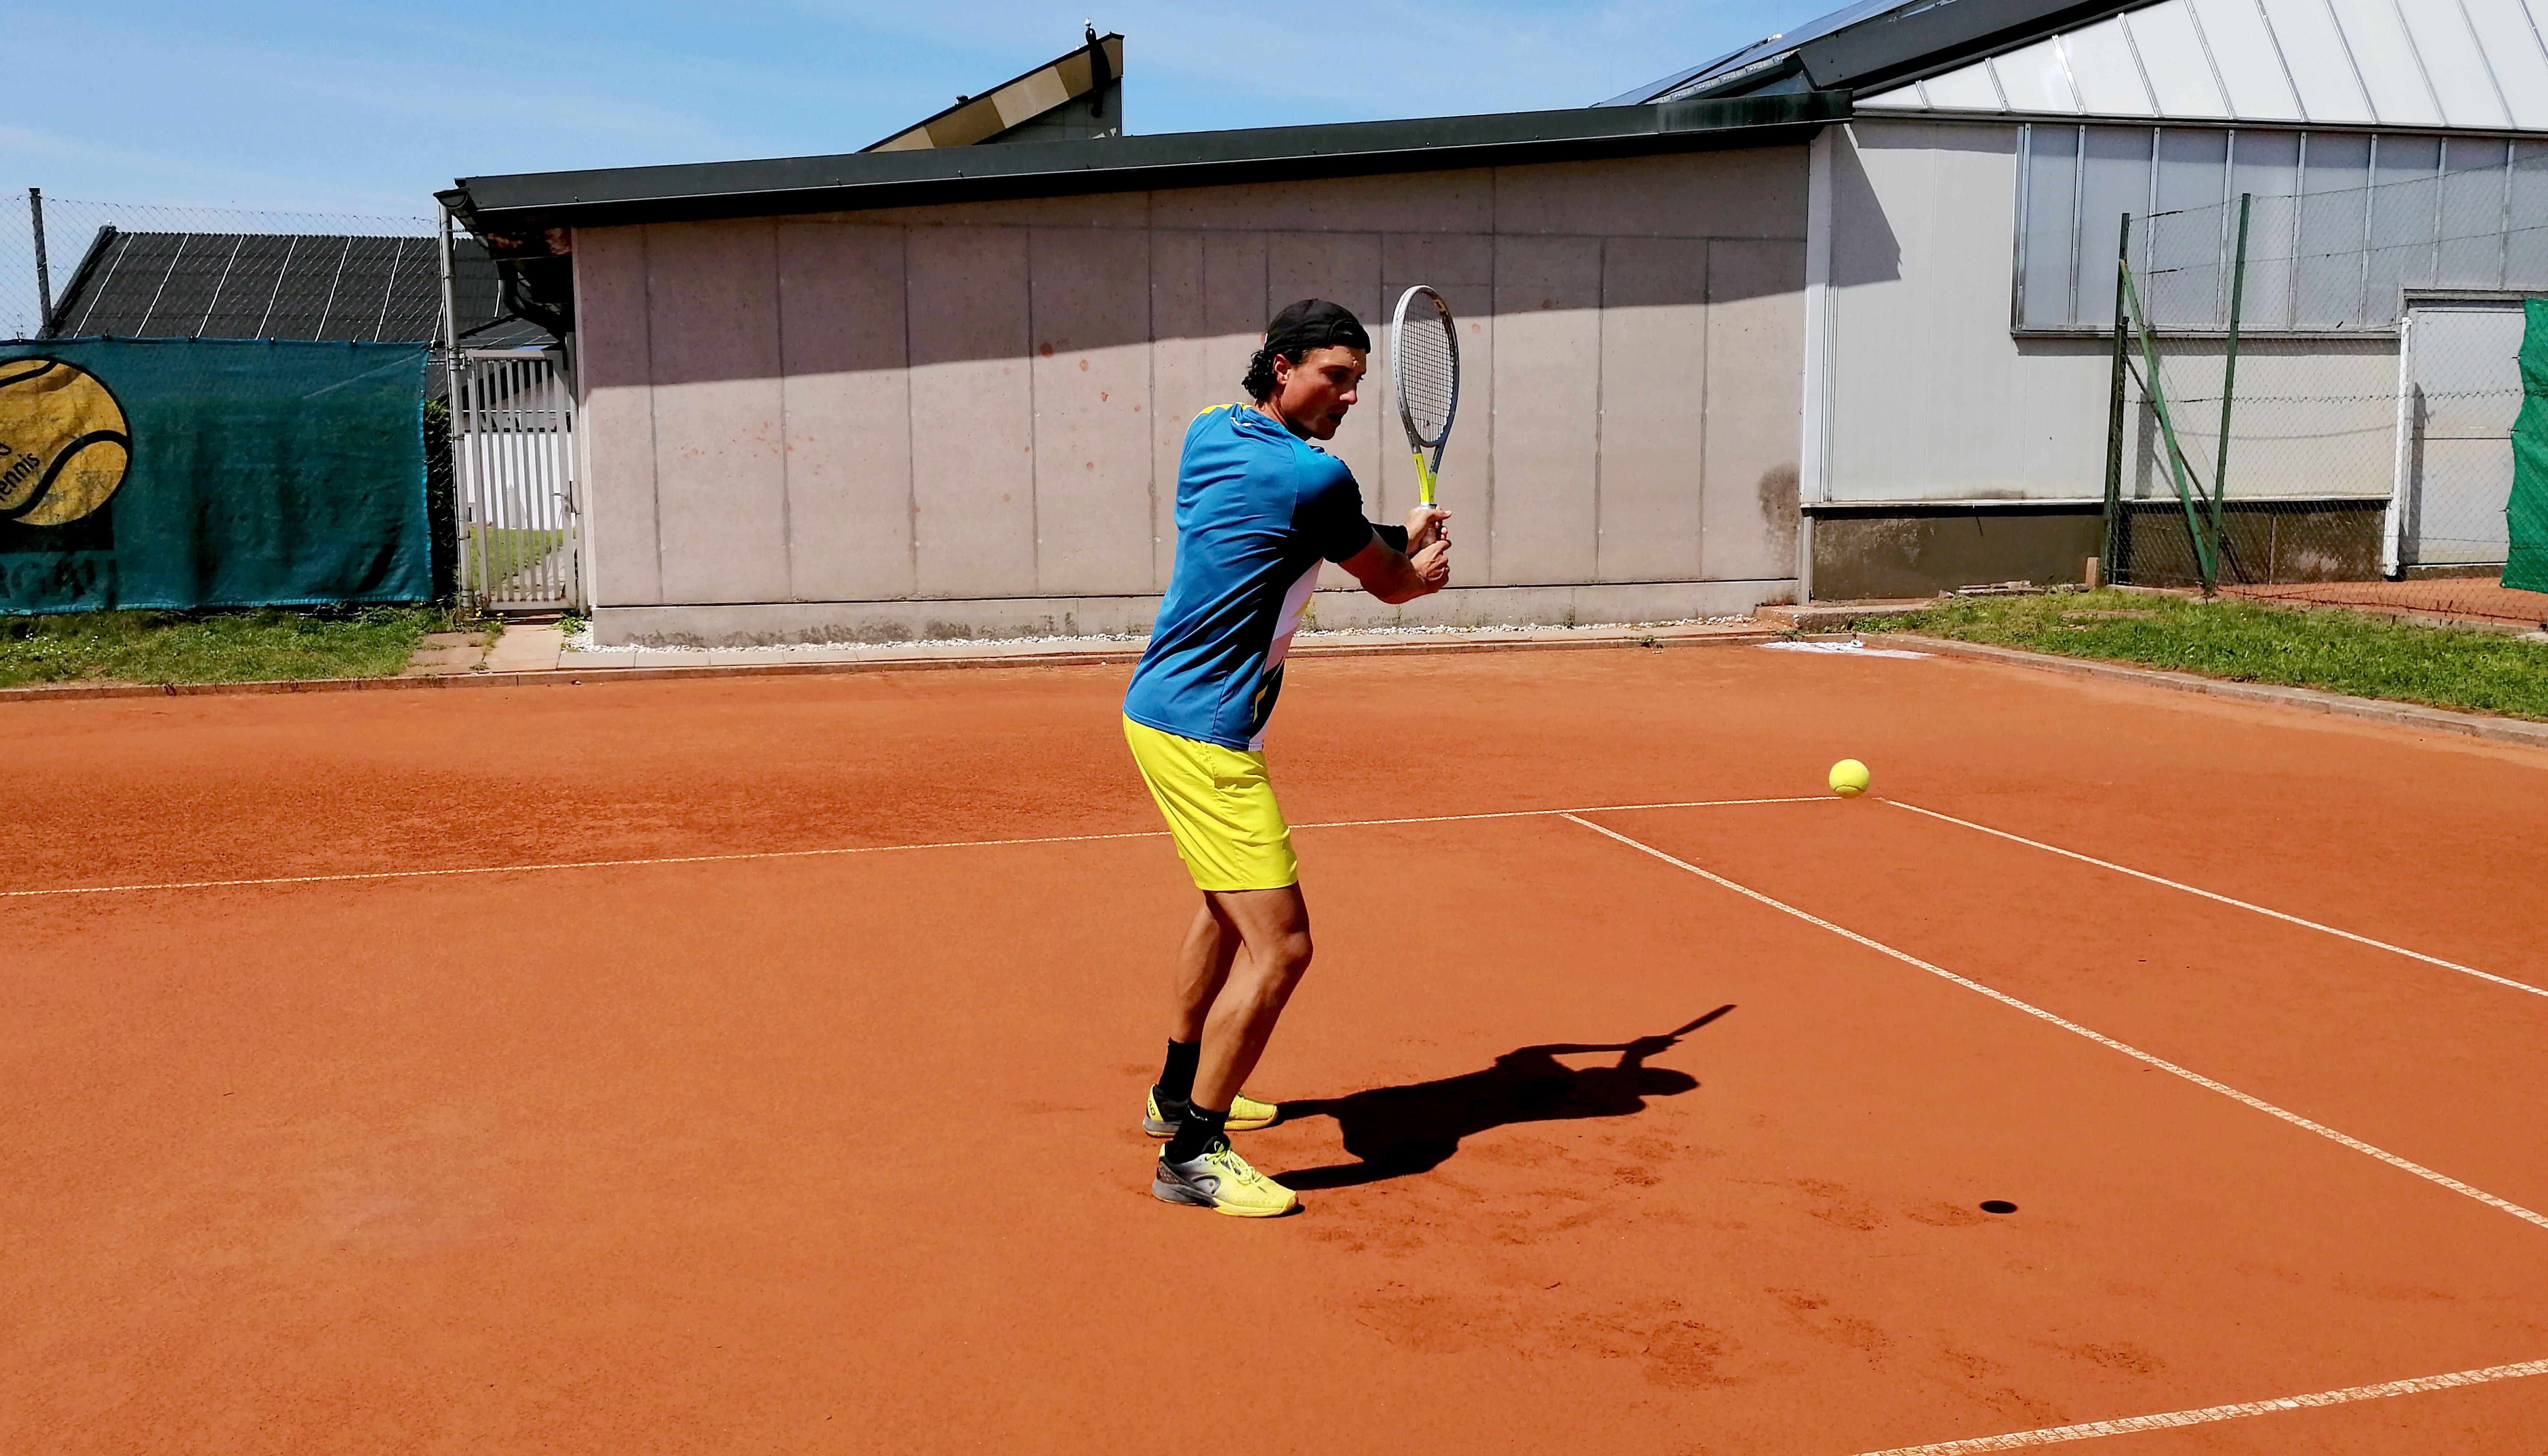 Tennis Vorhand & Tennis Rückhand City Outlet Blog Dominik Wirlend Rückhand